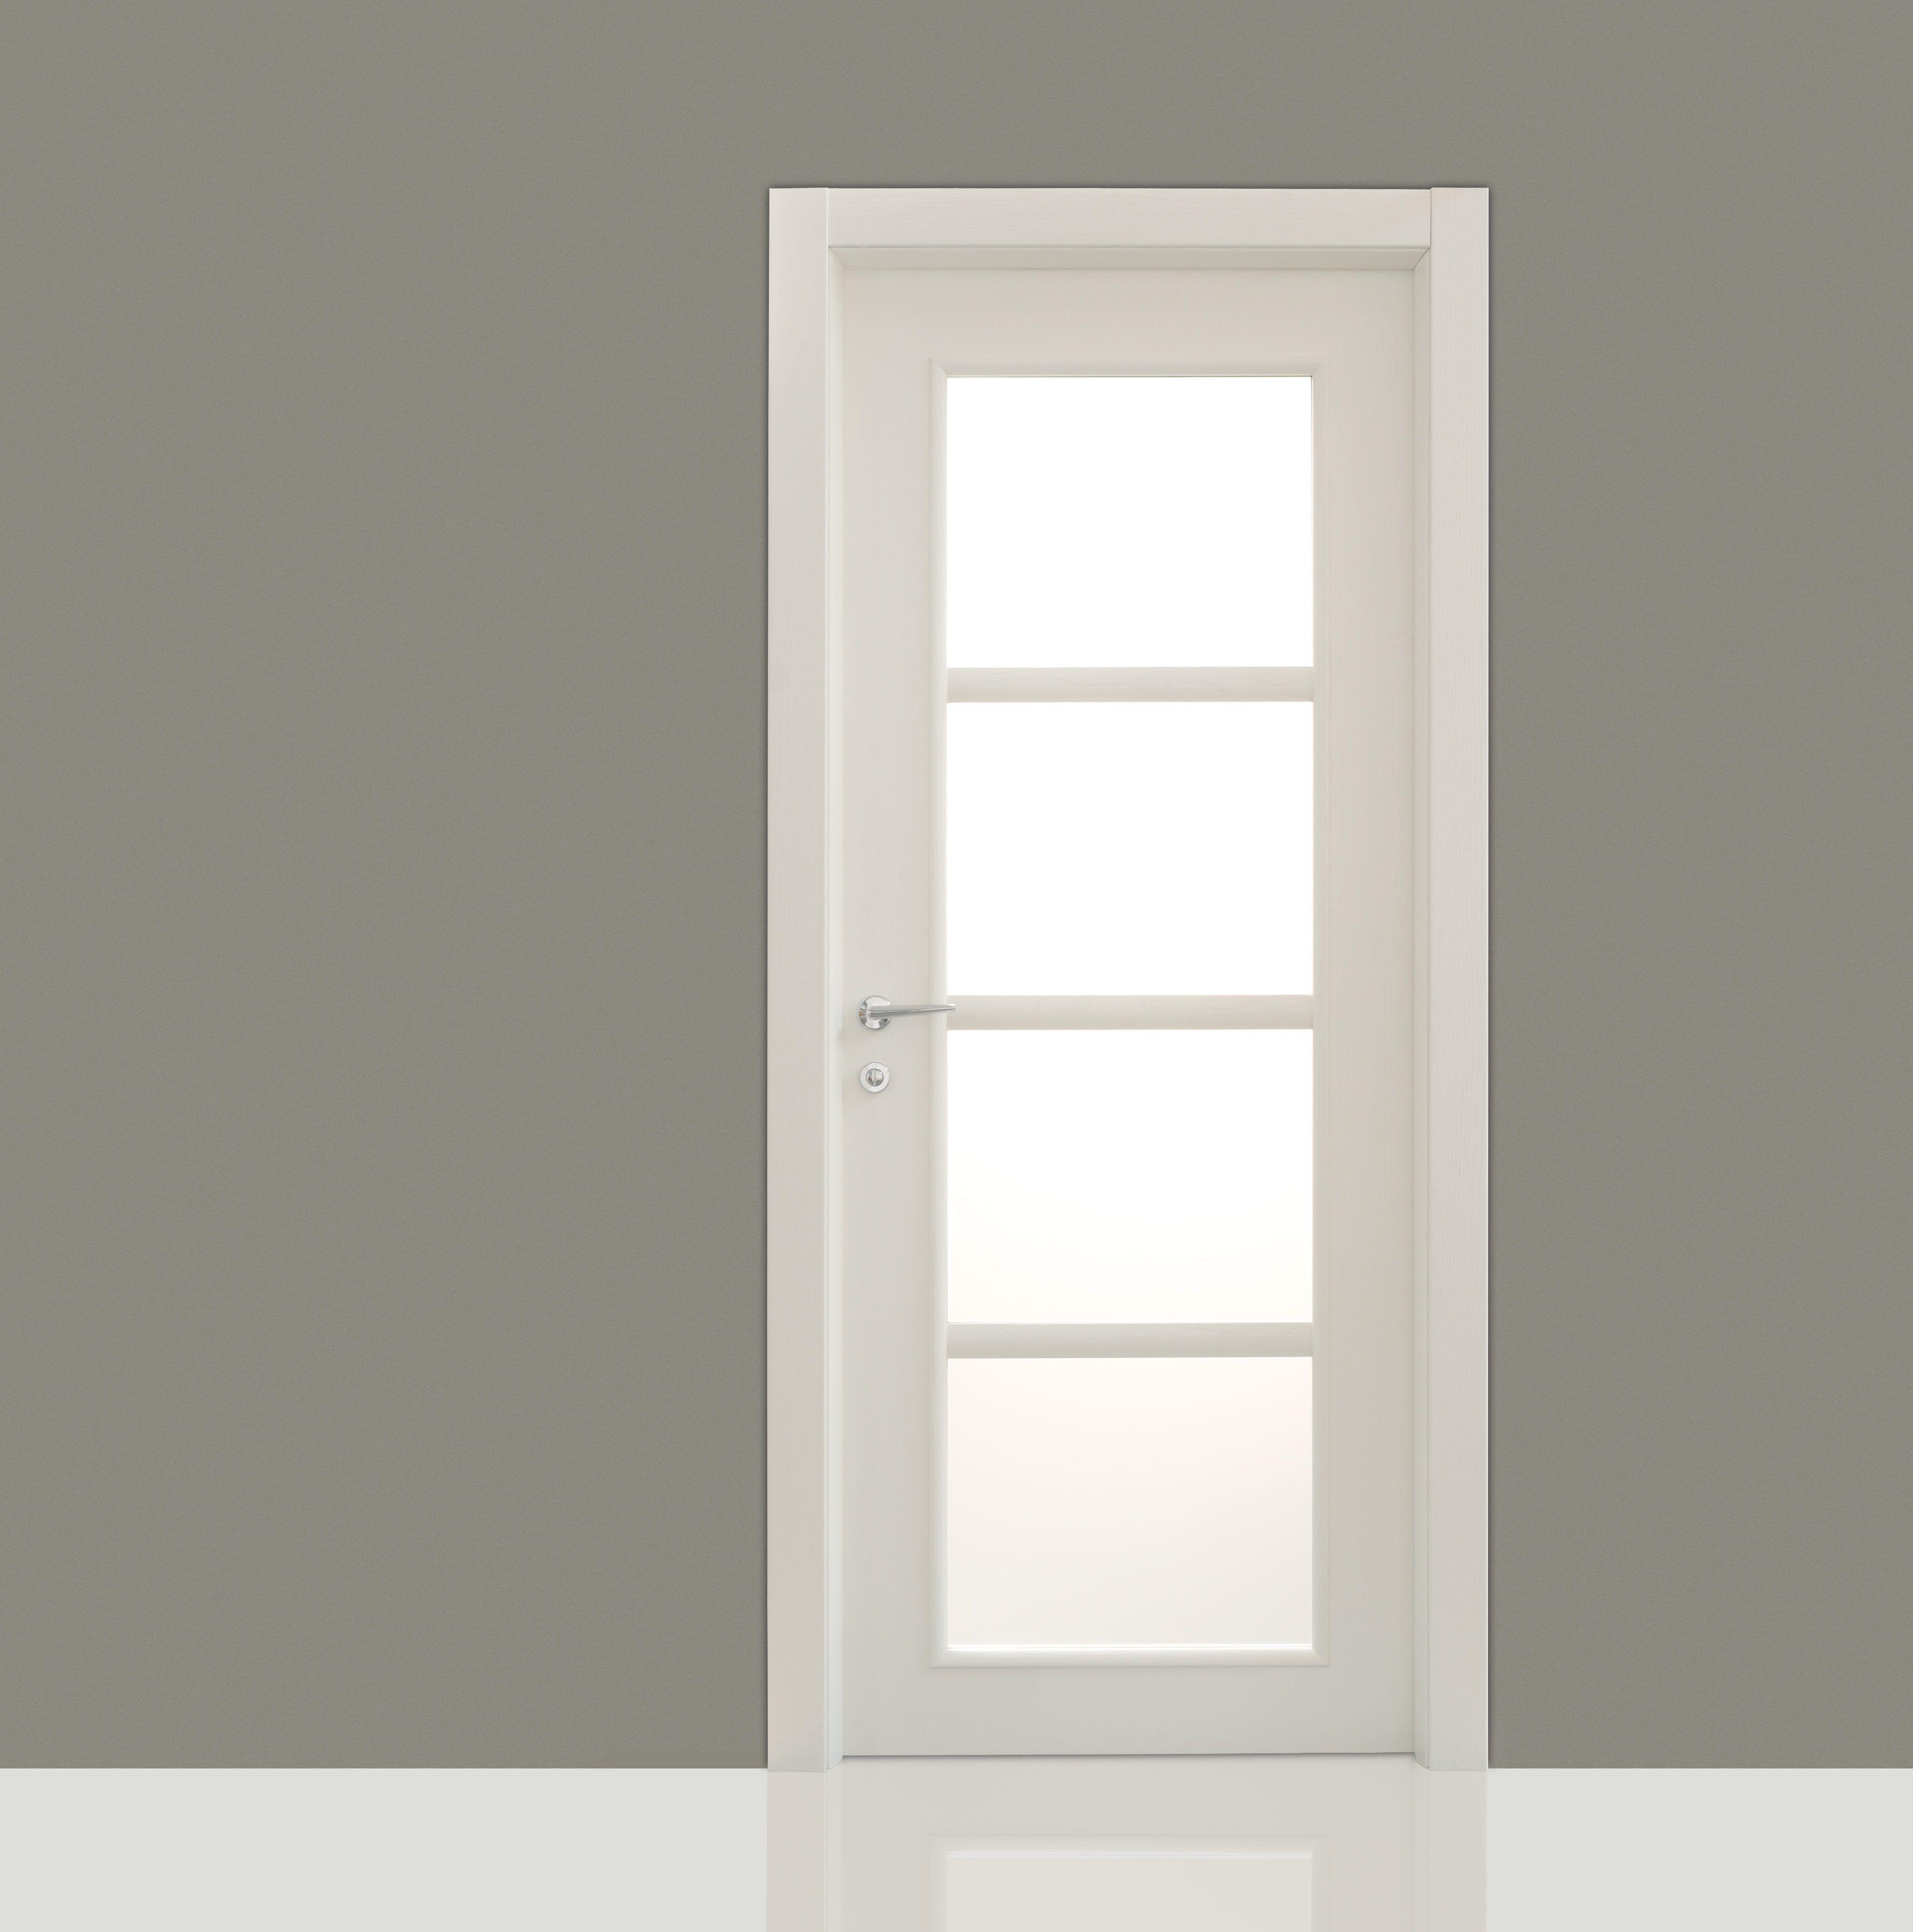 Ispirazioni cucina esterna - Porte interne in vetro scorrevoli ...